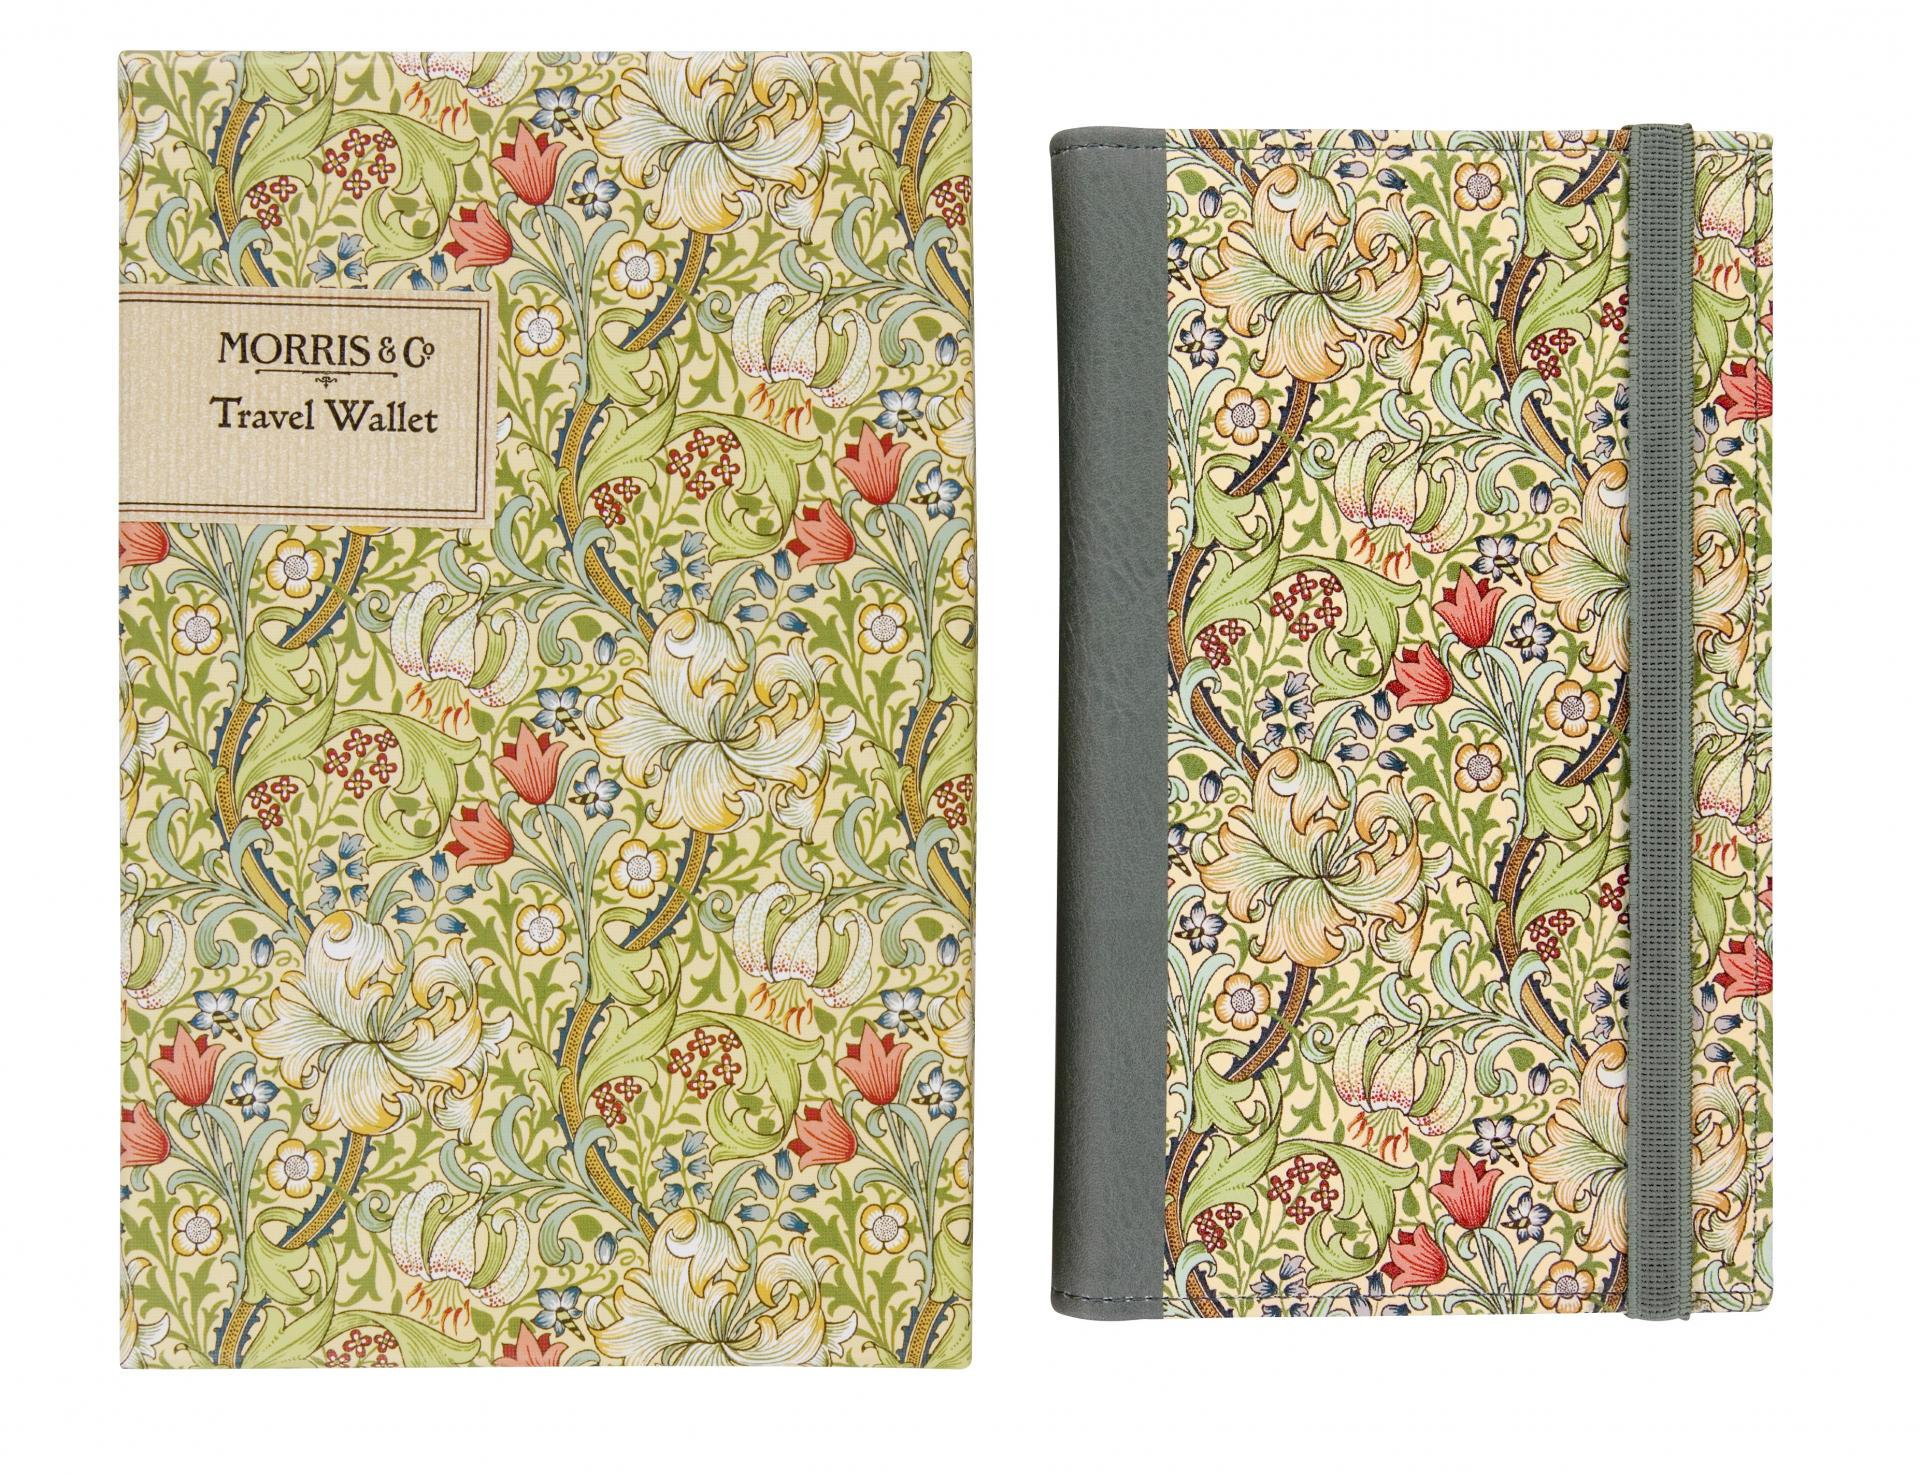 MORRIS & Co. Složka na cestovní doklady v dárkové krabičce Golden Lily, zelená barva, žlutá barva, papír, textil, kůže